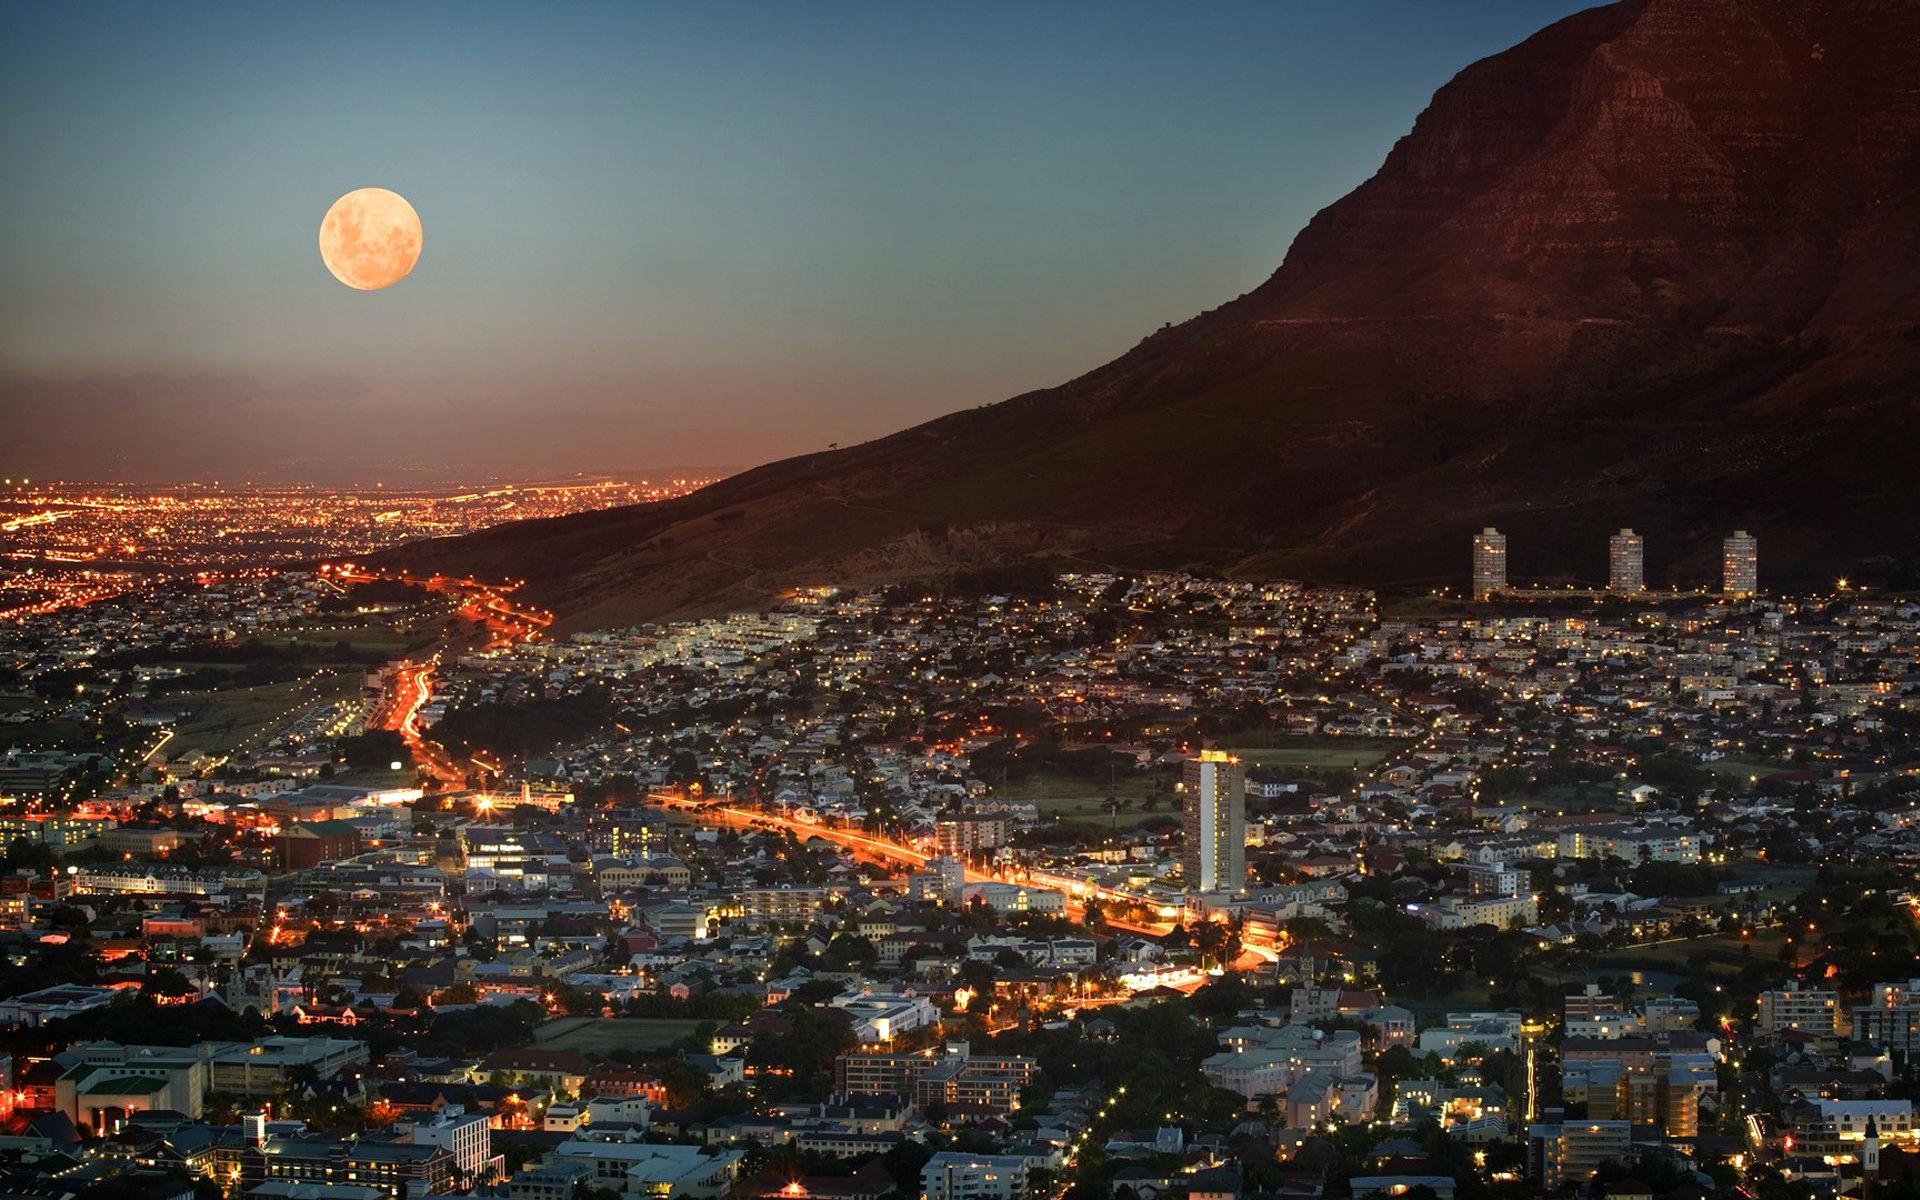 Vista de Cape Town por la noche